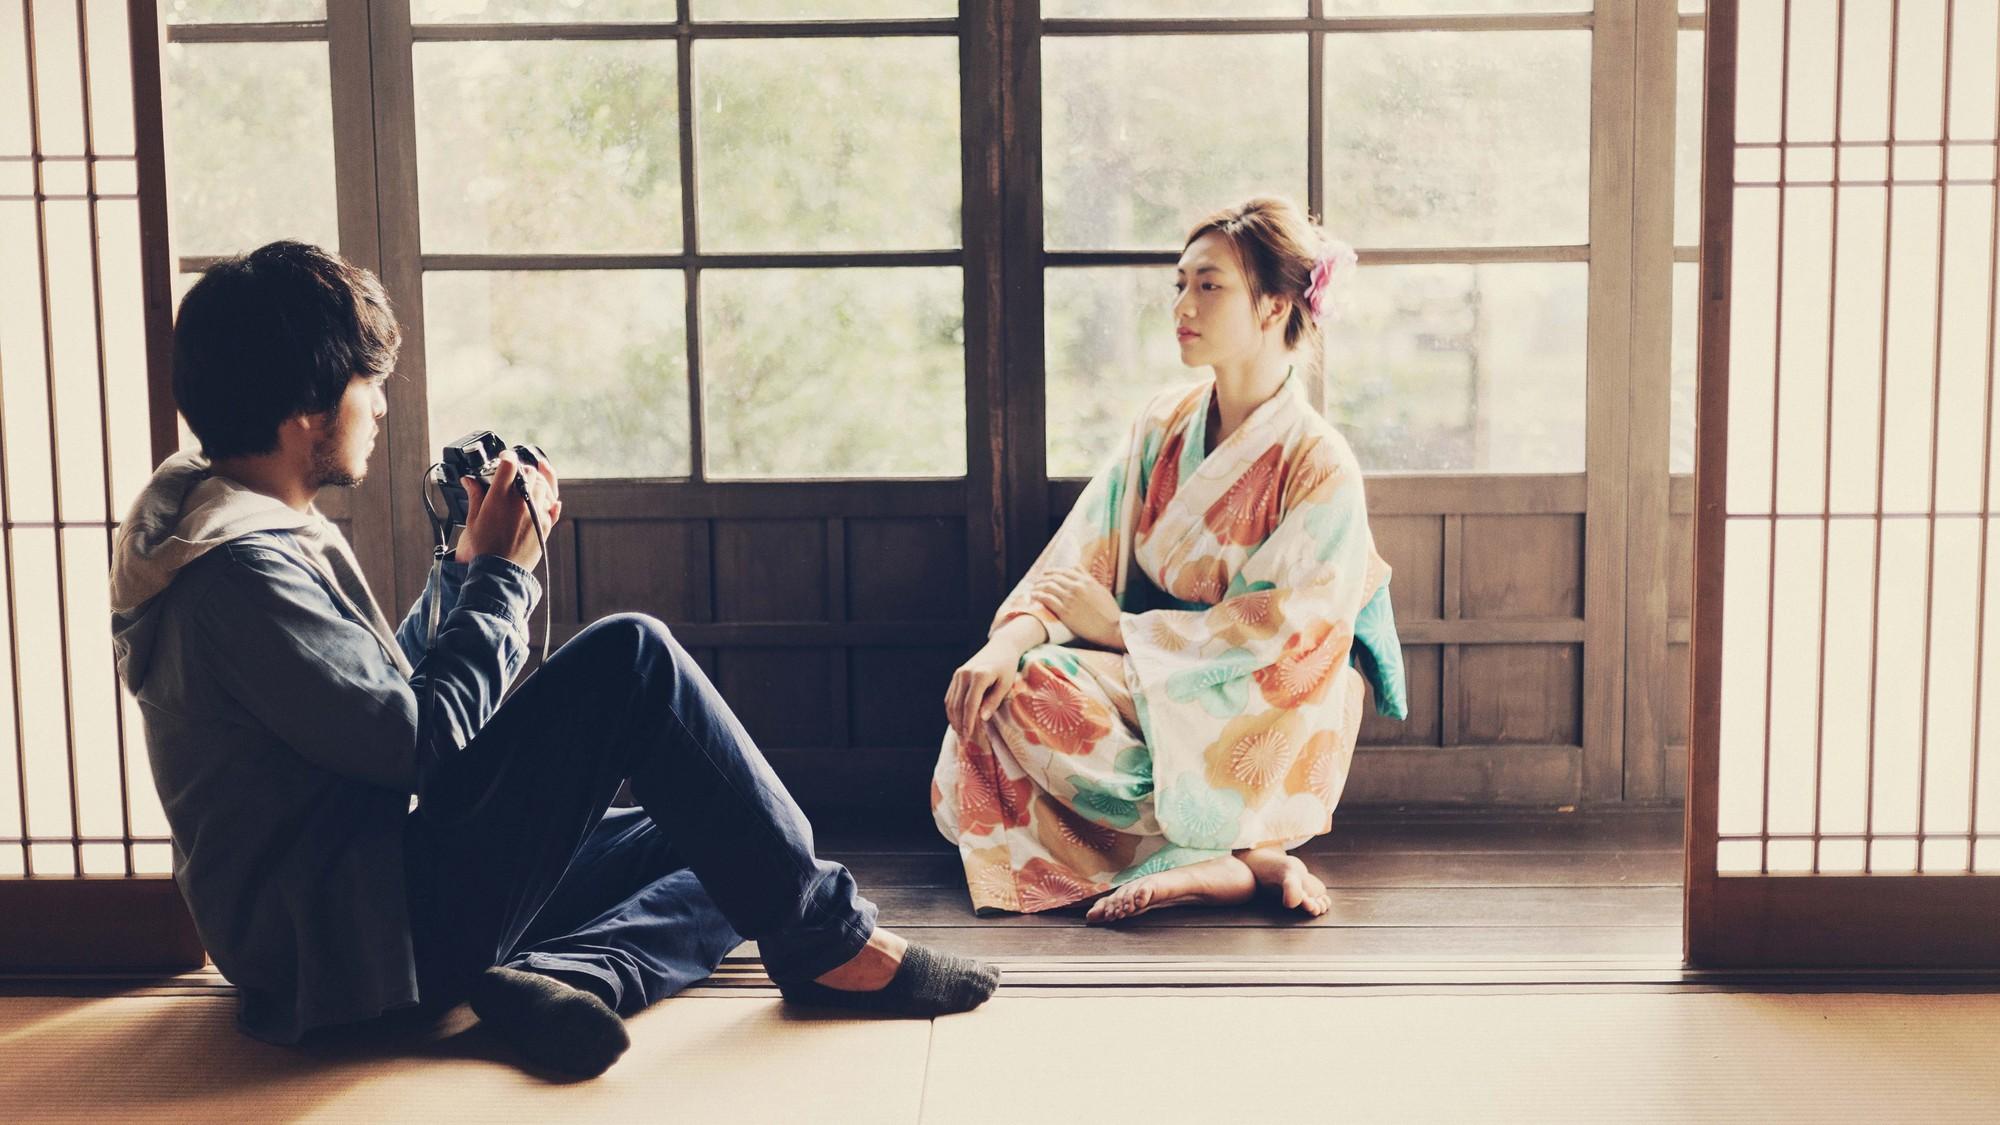 Nhắm Mắt Thấy Mùa Hè tung teaser đẹp miên man với 90% bối cảnh ở Nhật - Ảnh 4.